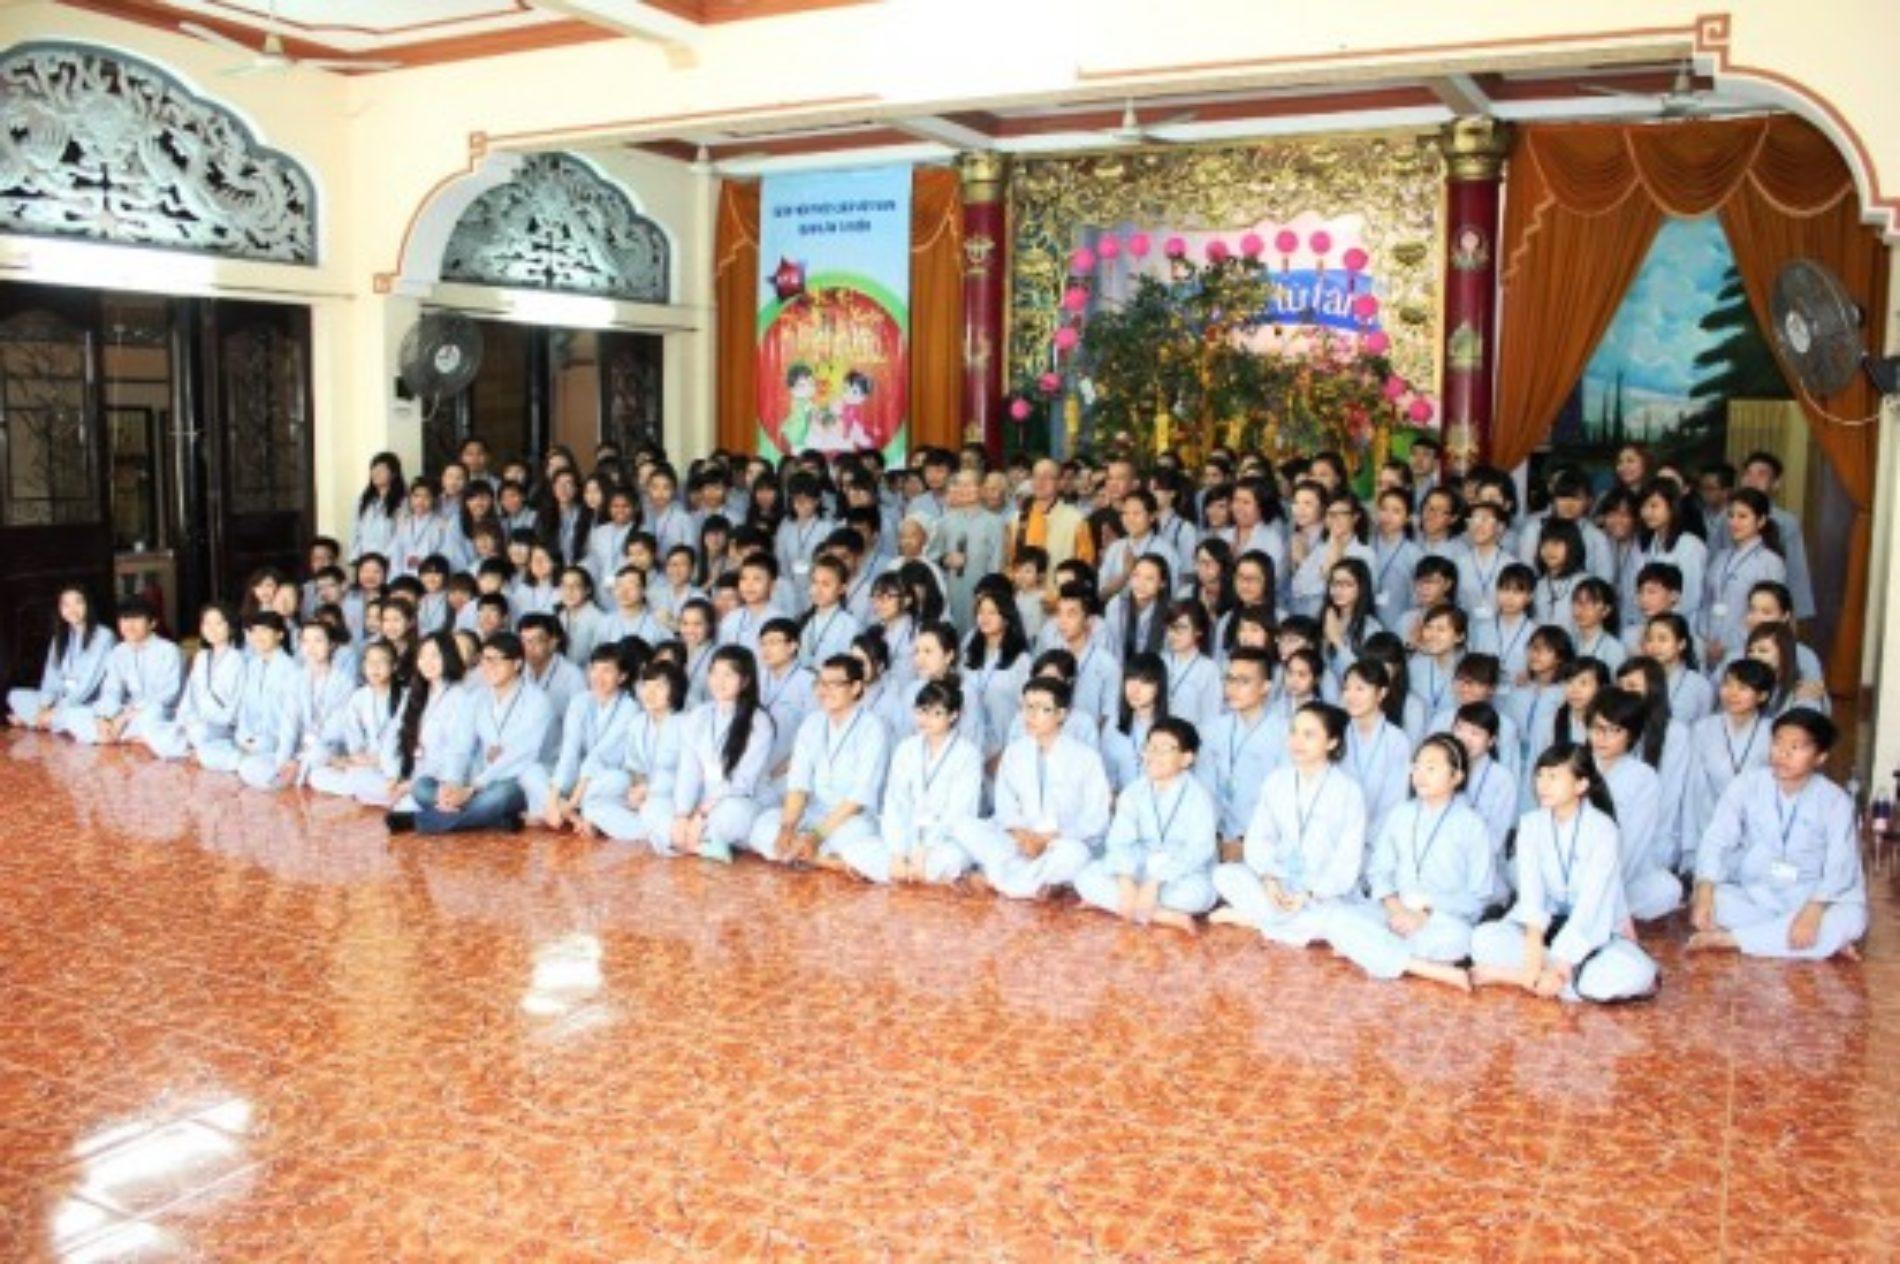 """Hơn 300 bạn trẻ cùng cảm nhận """"Xuân Yêu Thương"""" tại QATV"""